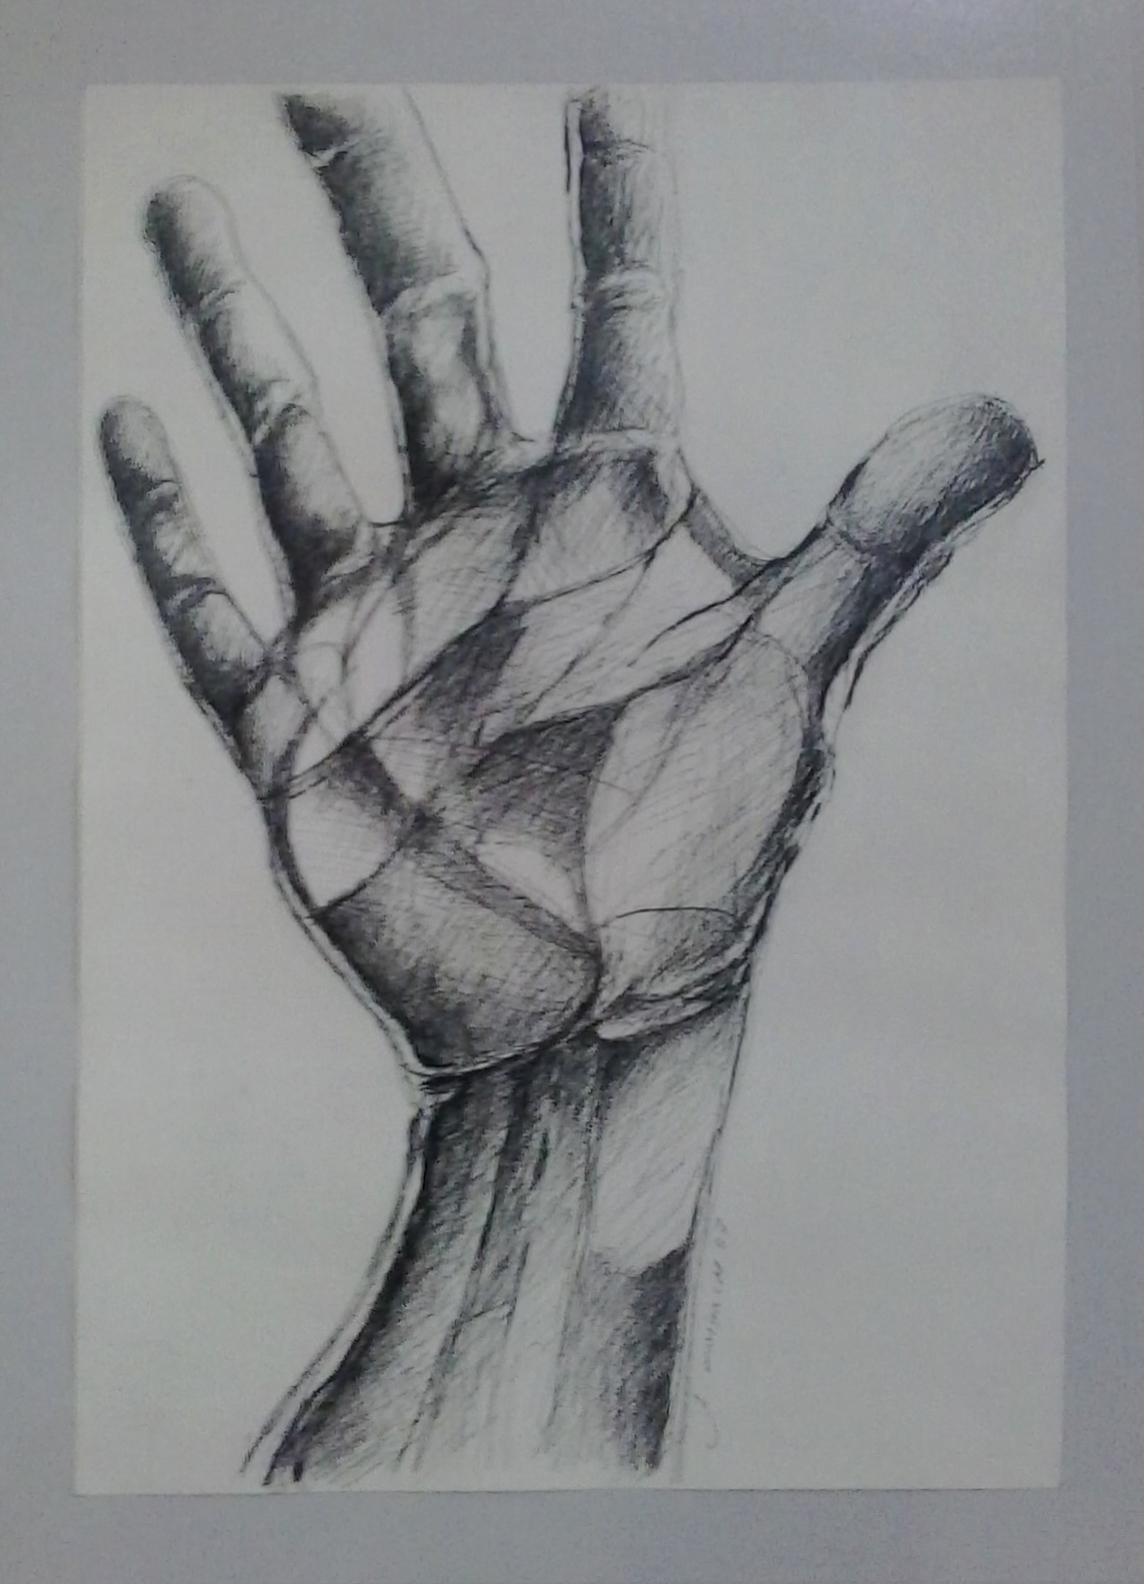 Antônio Morbach - Mão, Série Nanquim, 2007. Desenho, 42.3x29.9